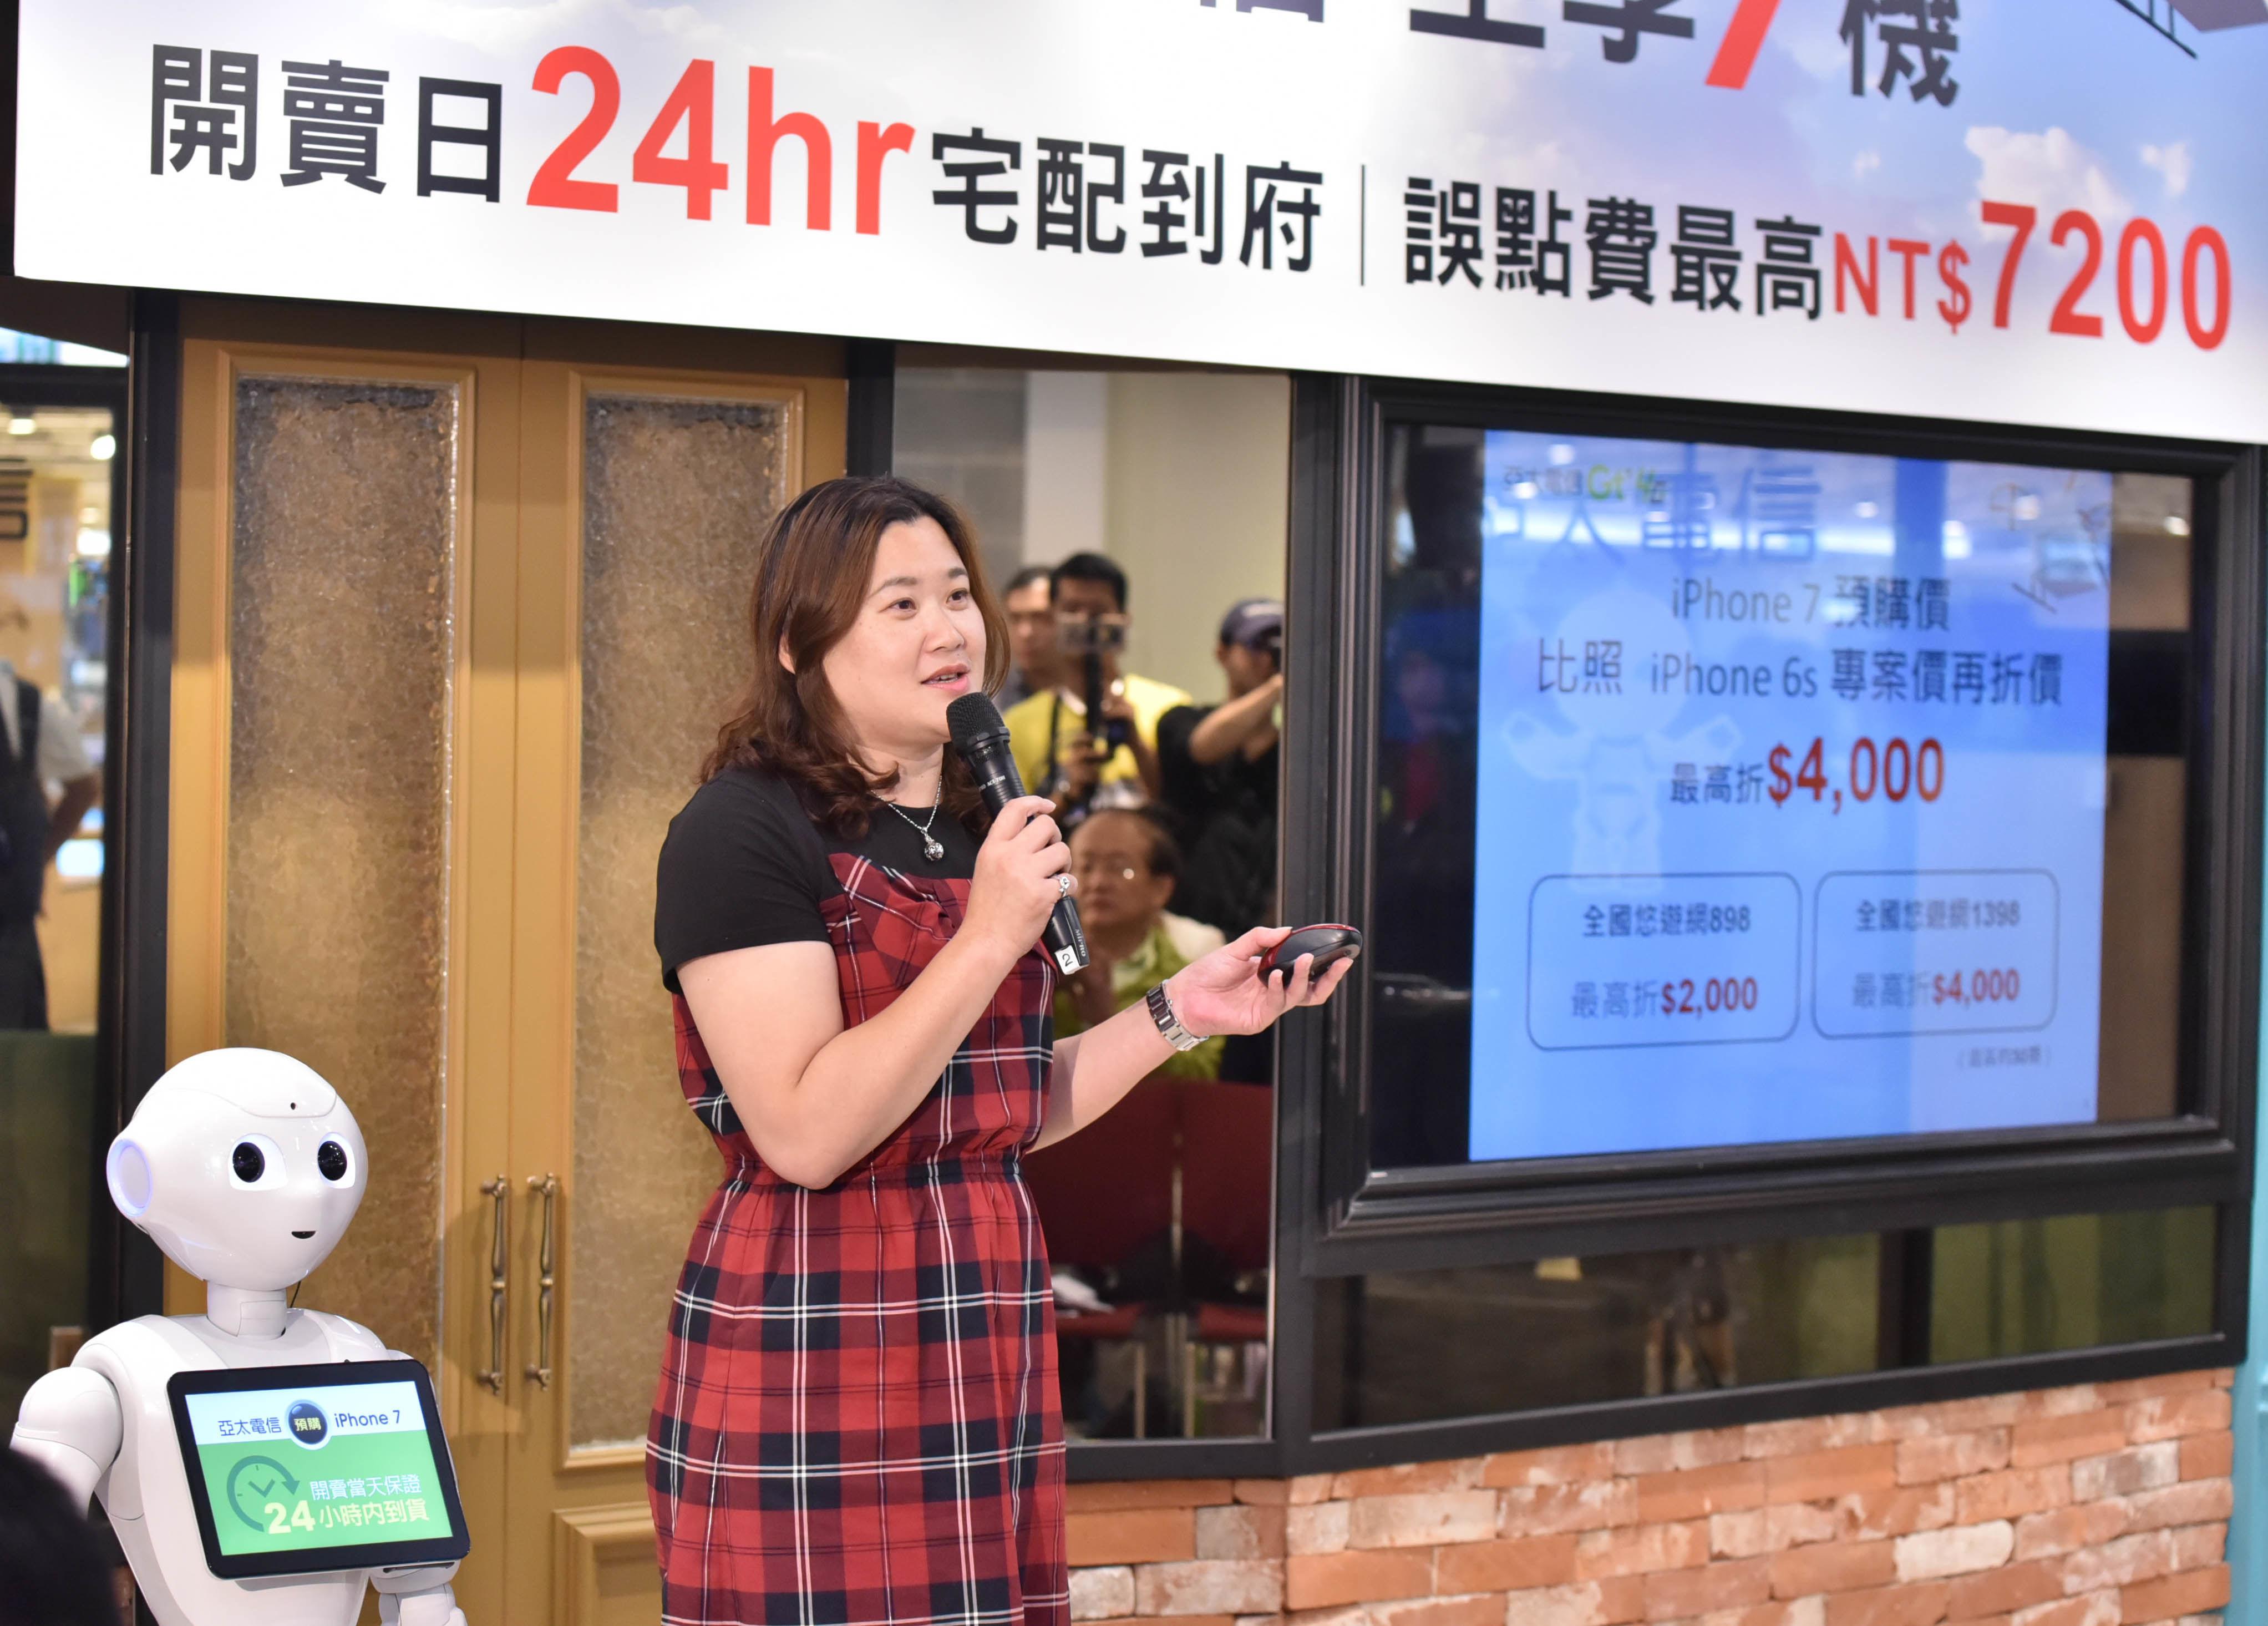 亞太電信行銷副總鄧美慧推預購iPhone 7 開賣當天宅配到家